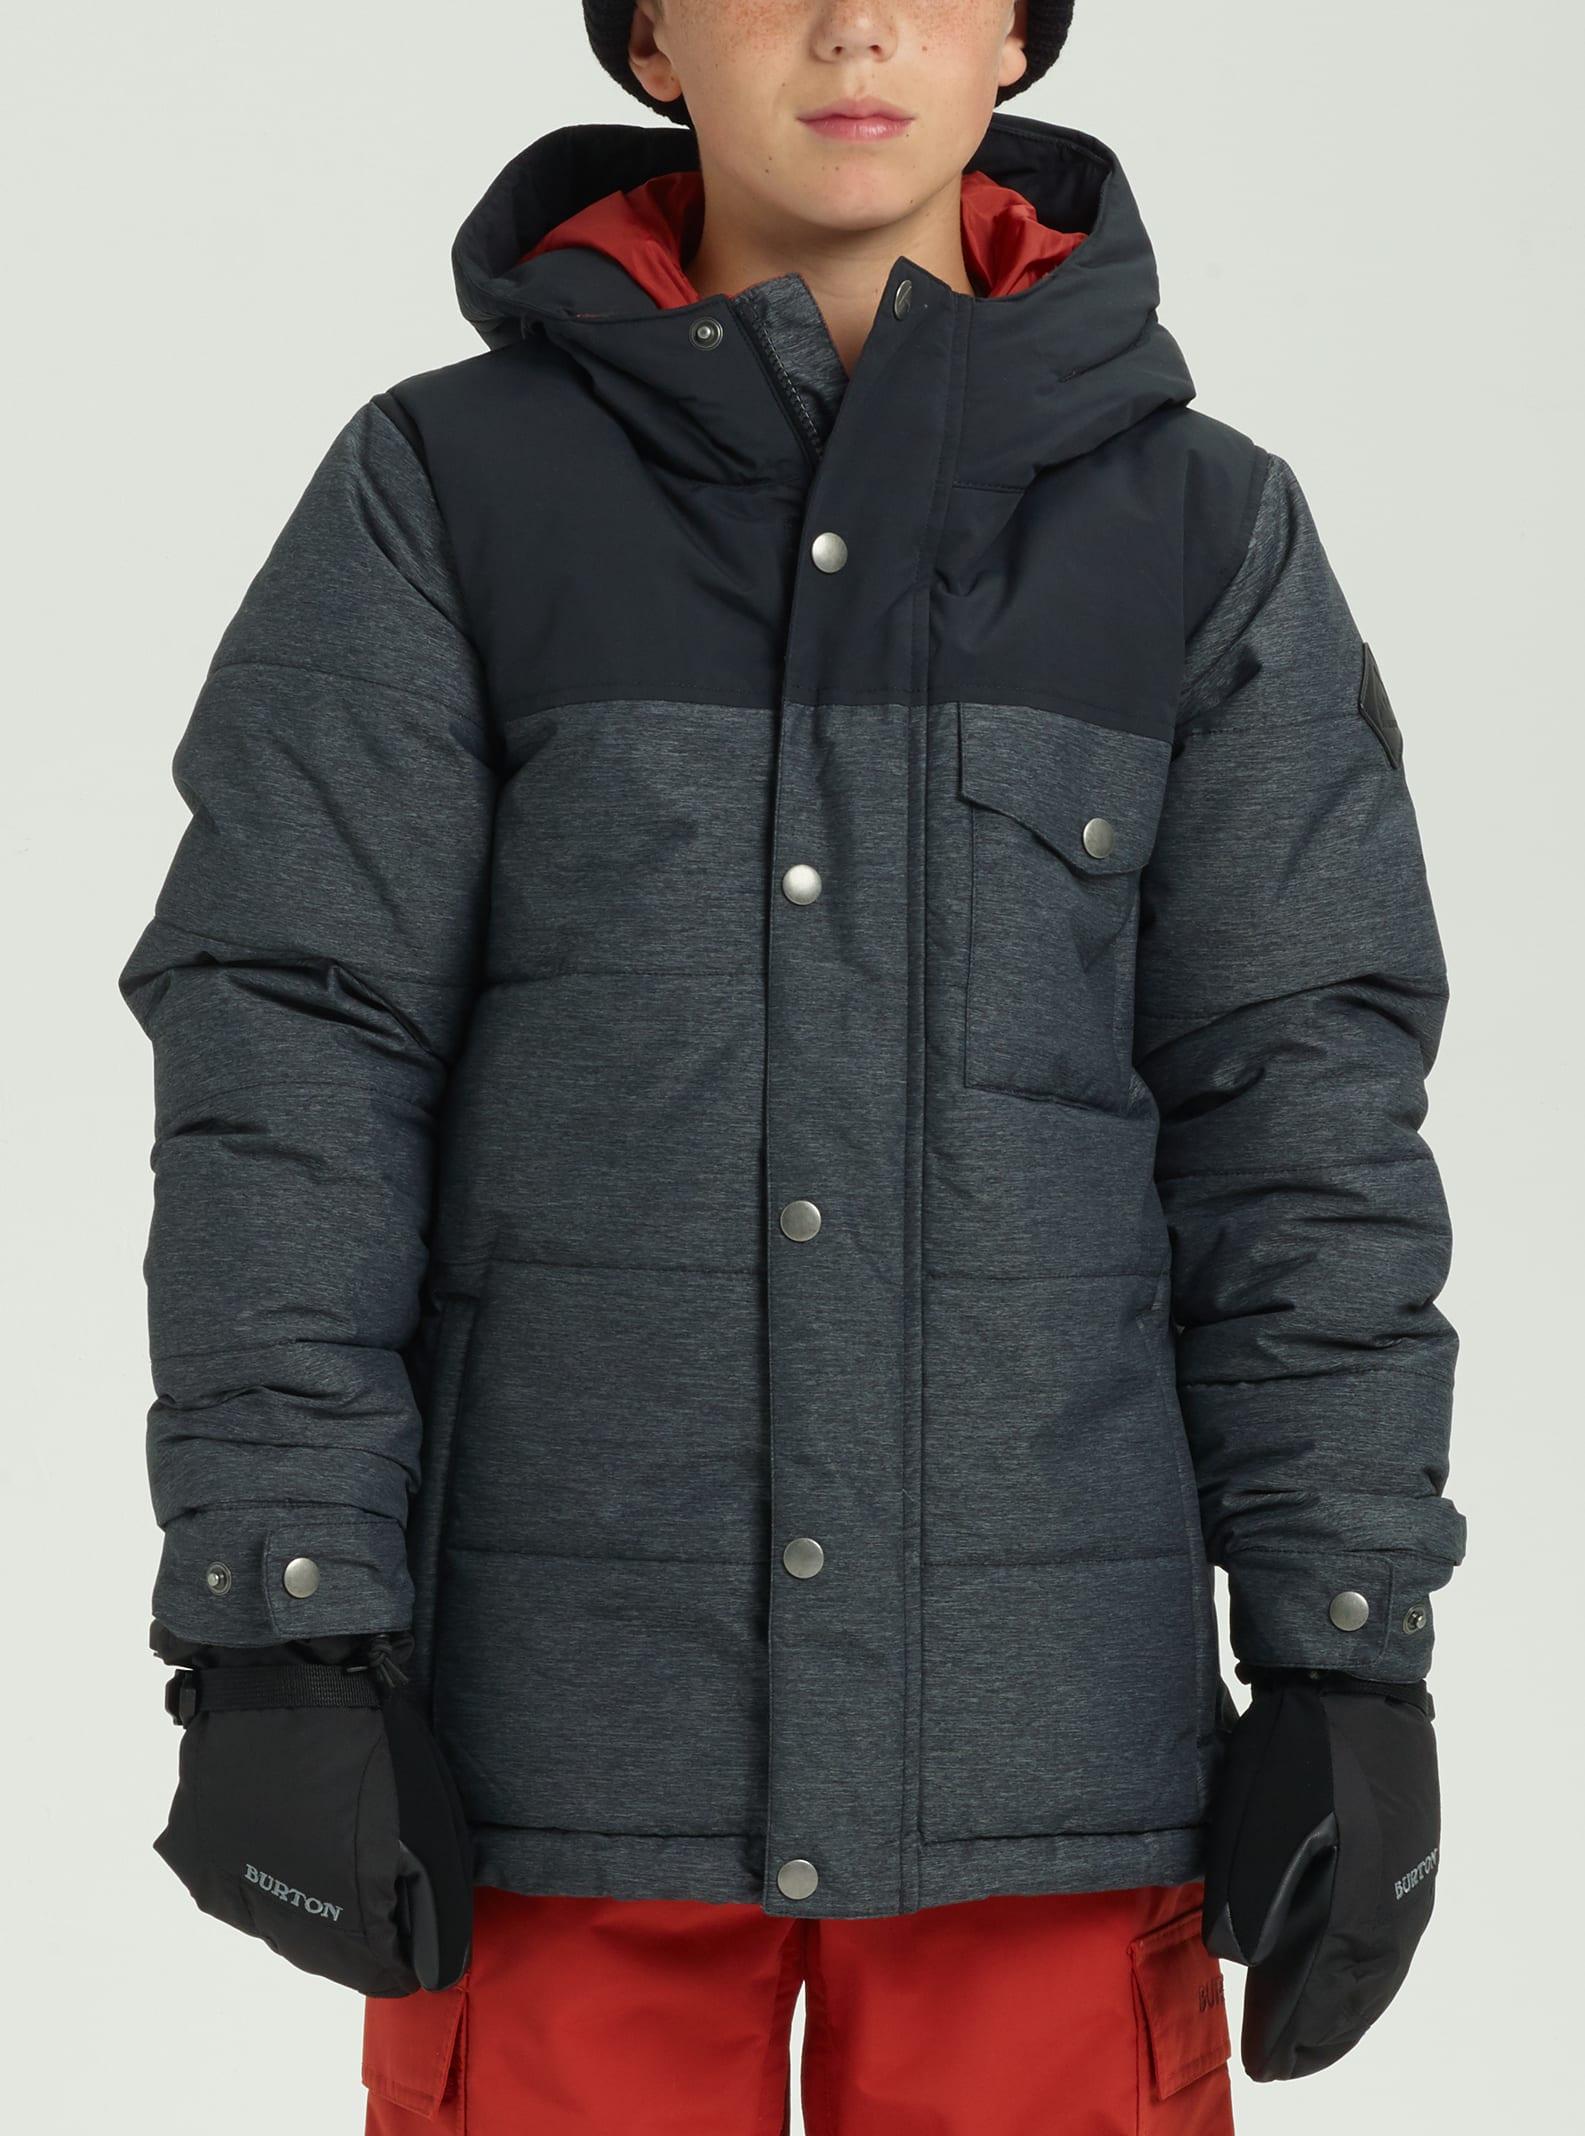 8d63f3dc7 Kids  Snowboard Jackets